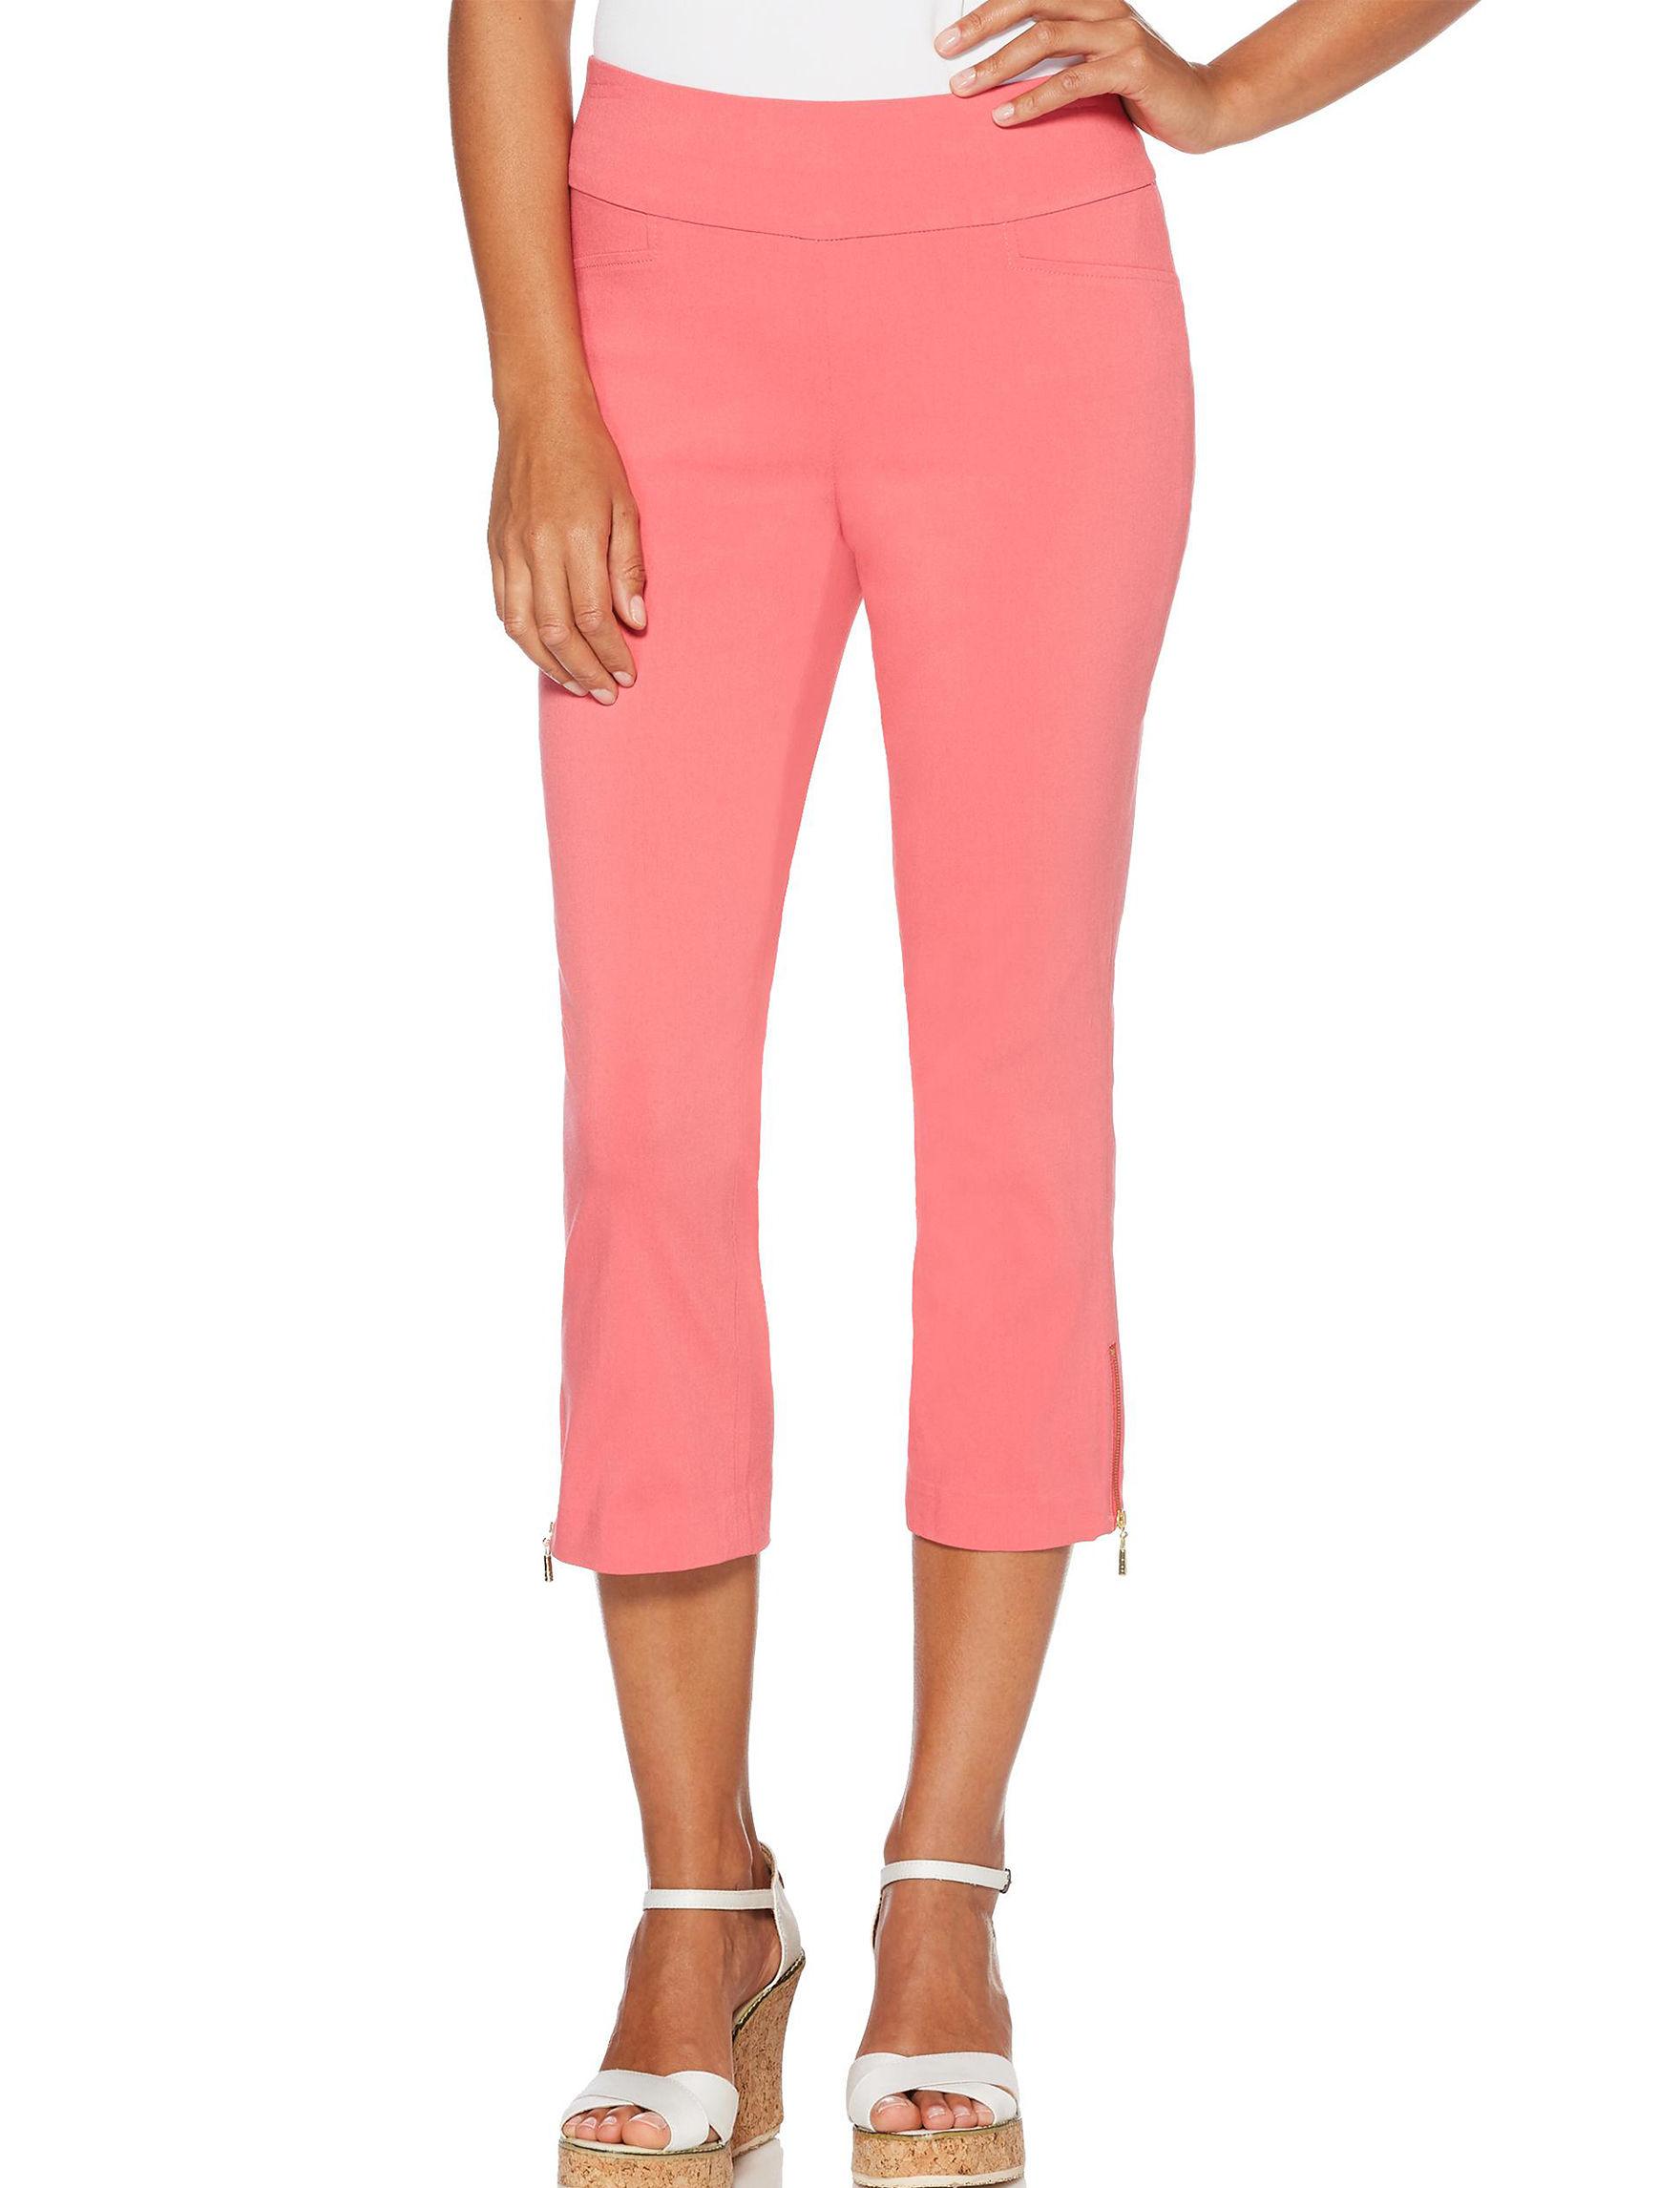 Rafaella Pink Capris & Crops Stretch